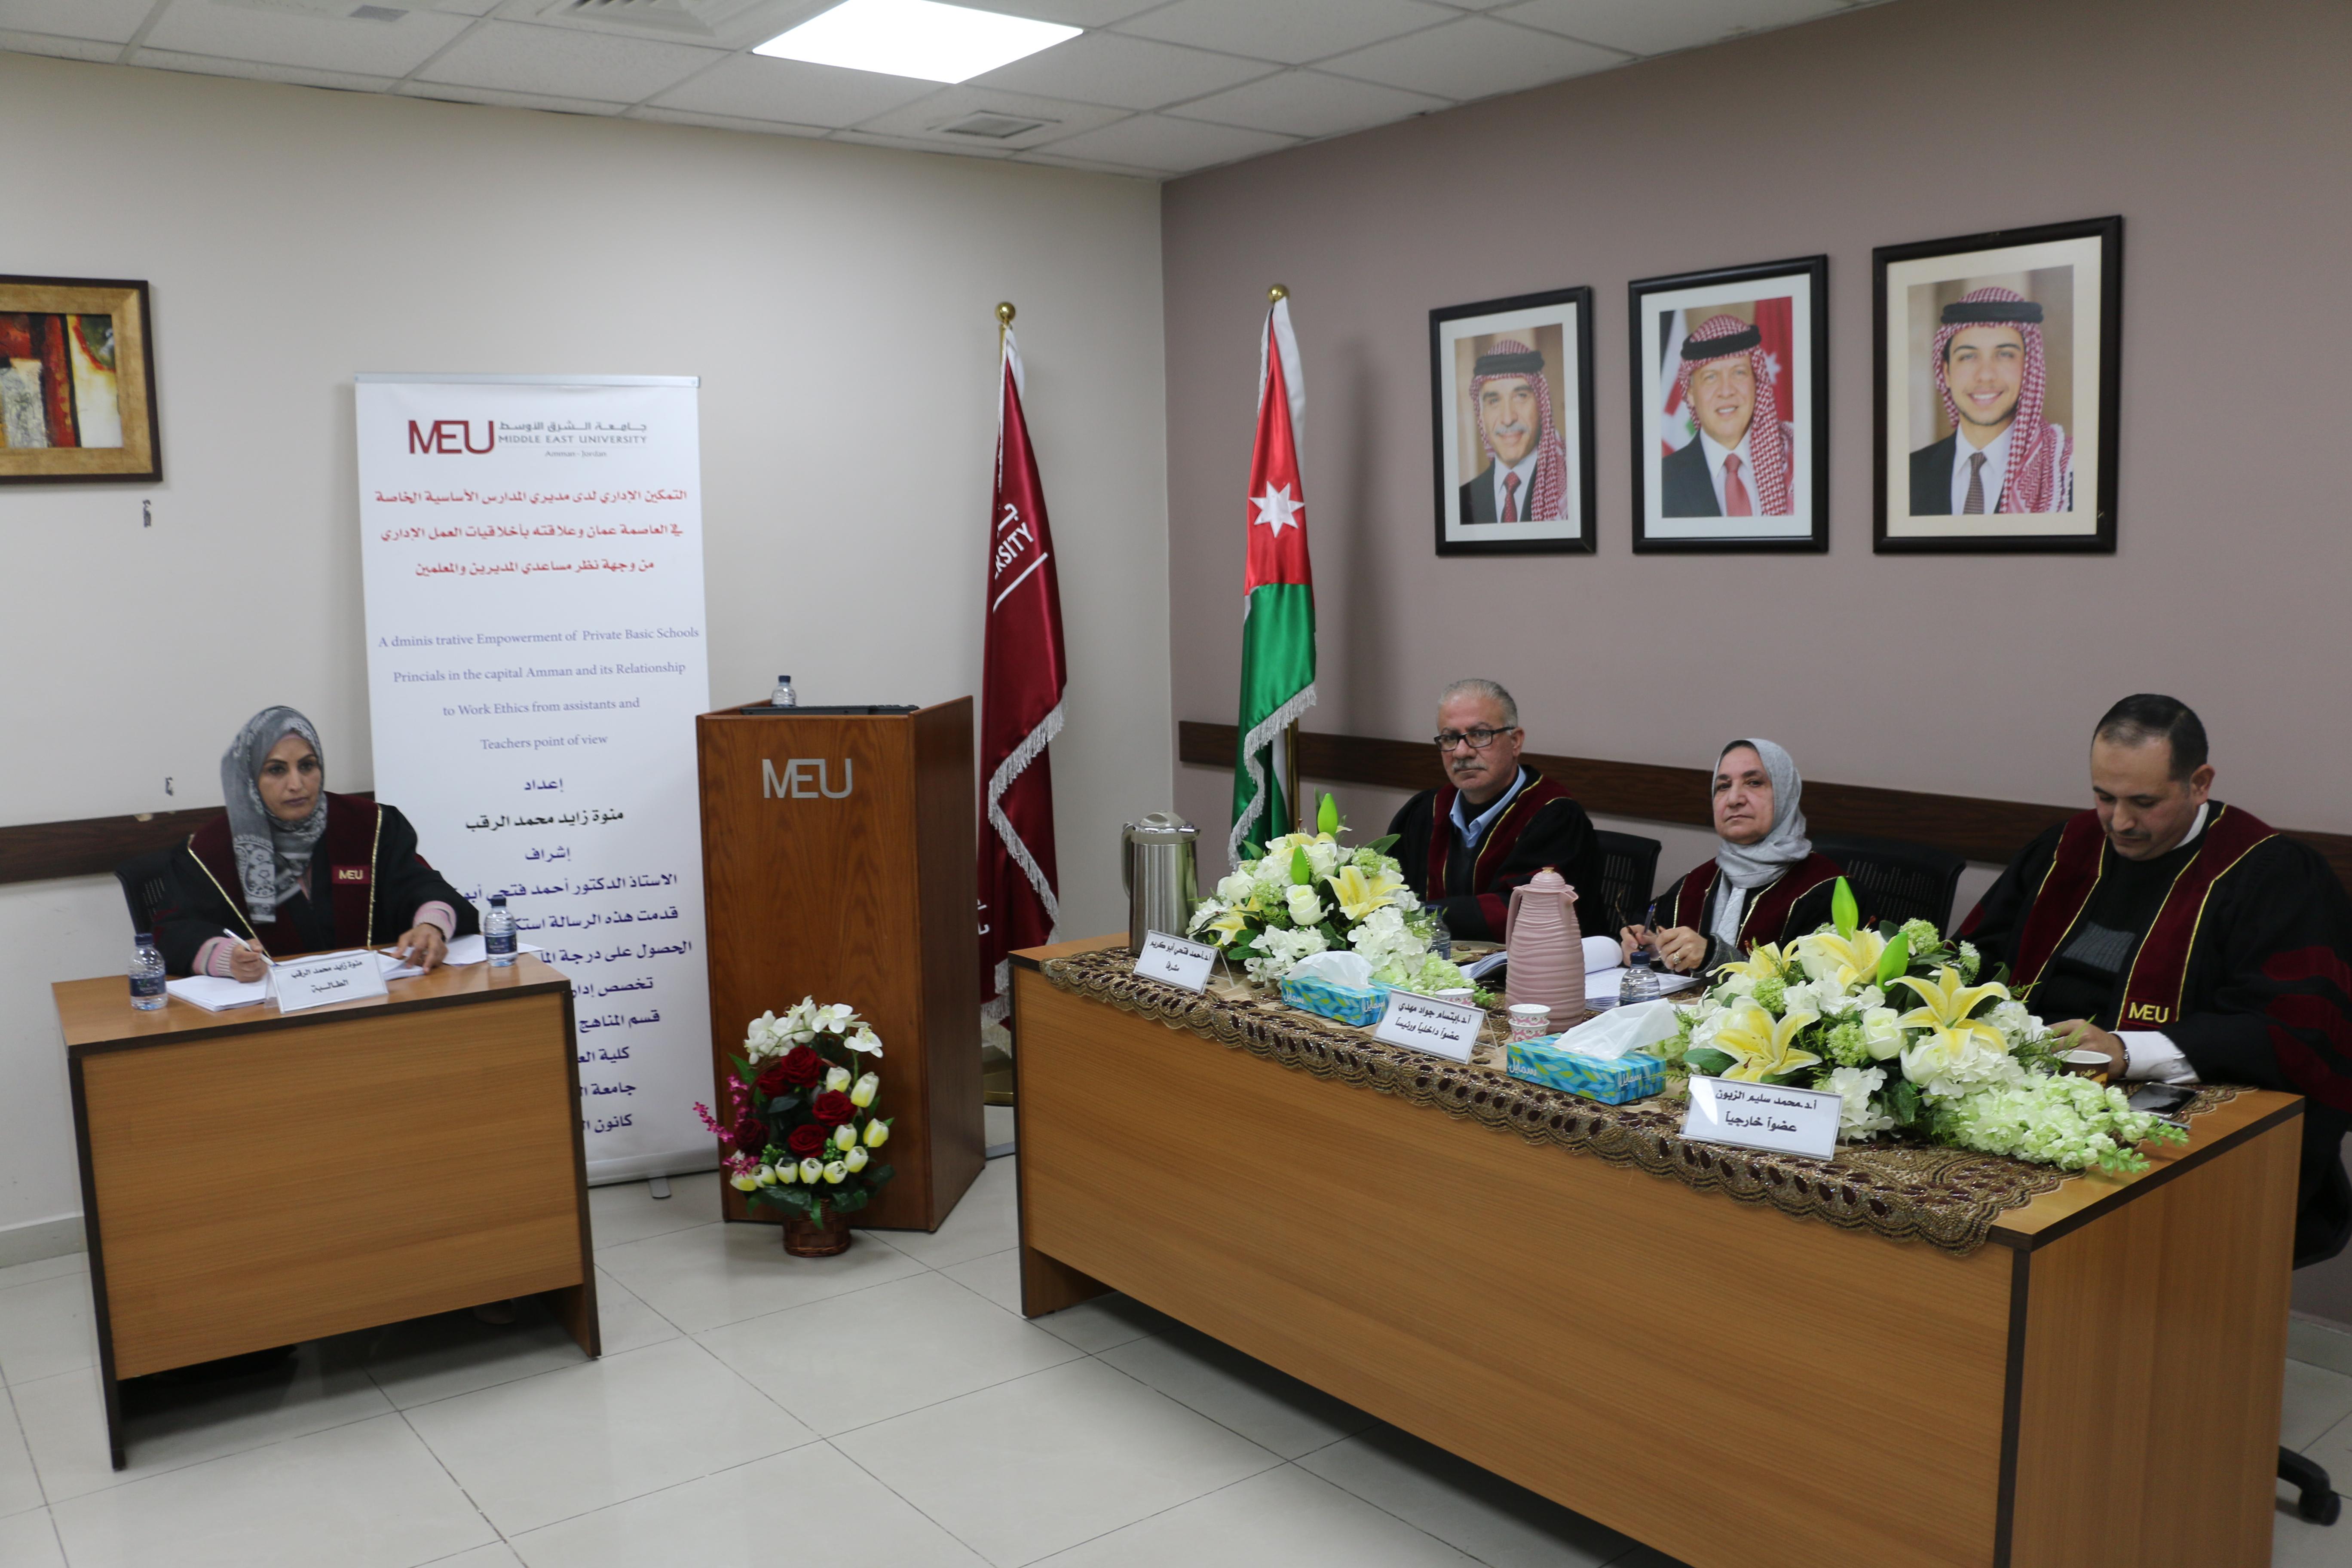 رسالة ماجستير في جامعة الشرق الأوسط تناقش التمكين الإداري لدى مديري المدارس الأساسية الخاصة في العاصمة عمان